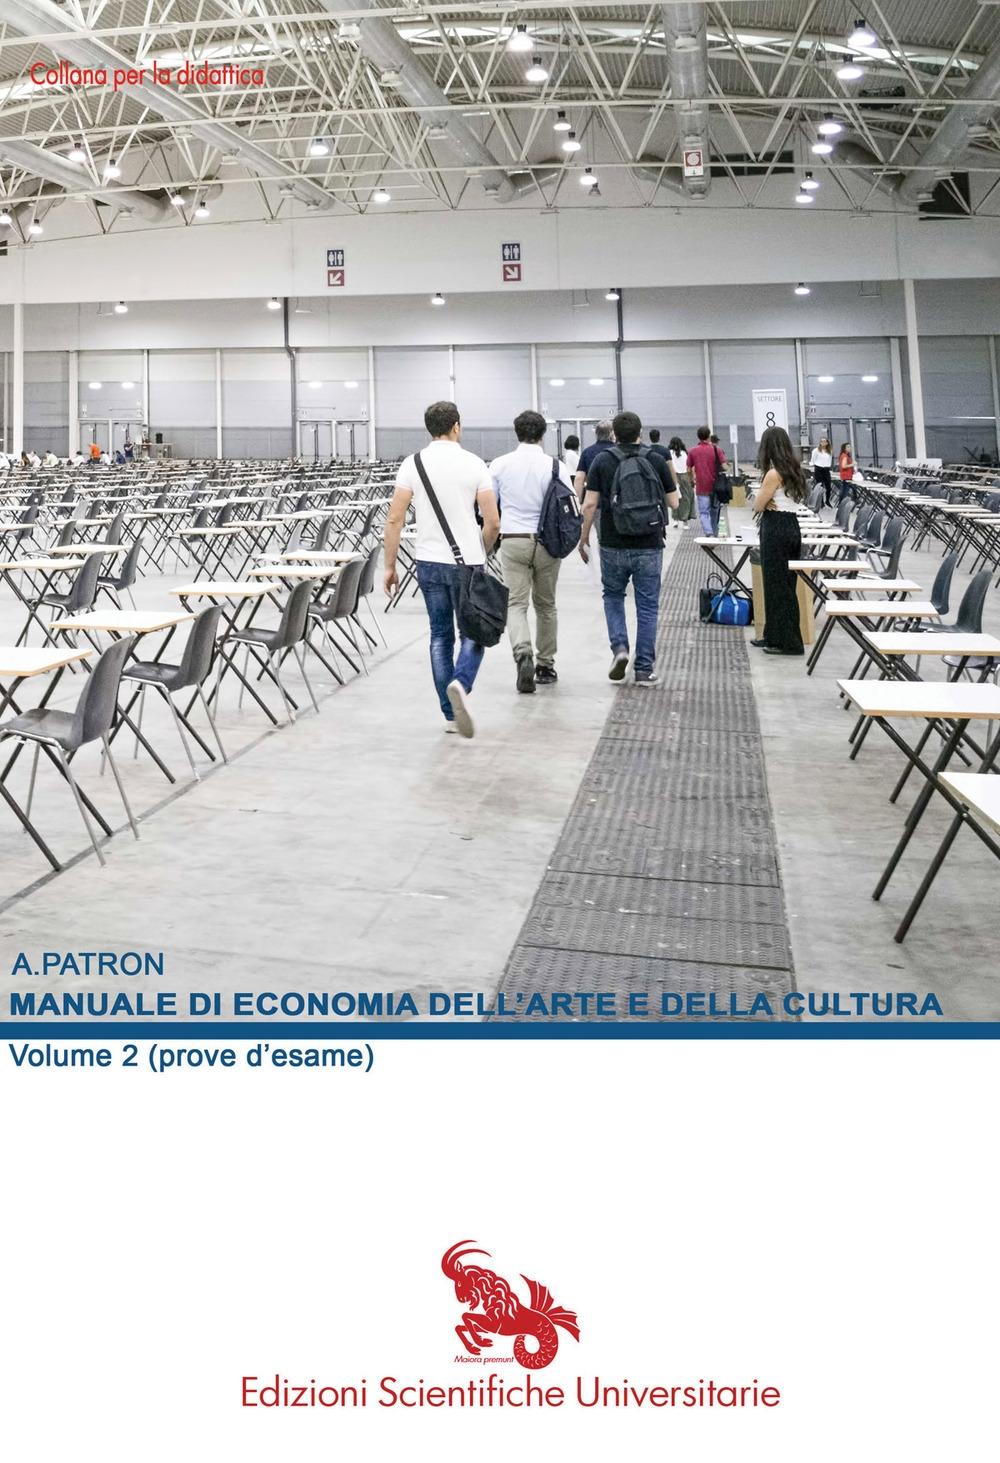 Manuale di economia dell'arte e della cultura. Vol. 2: Prove d'esame